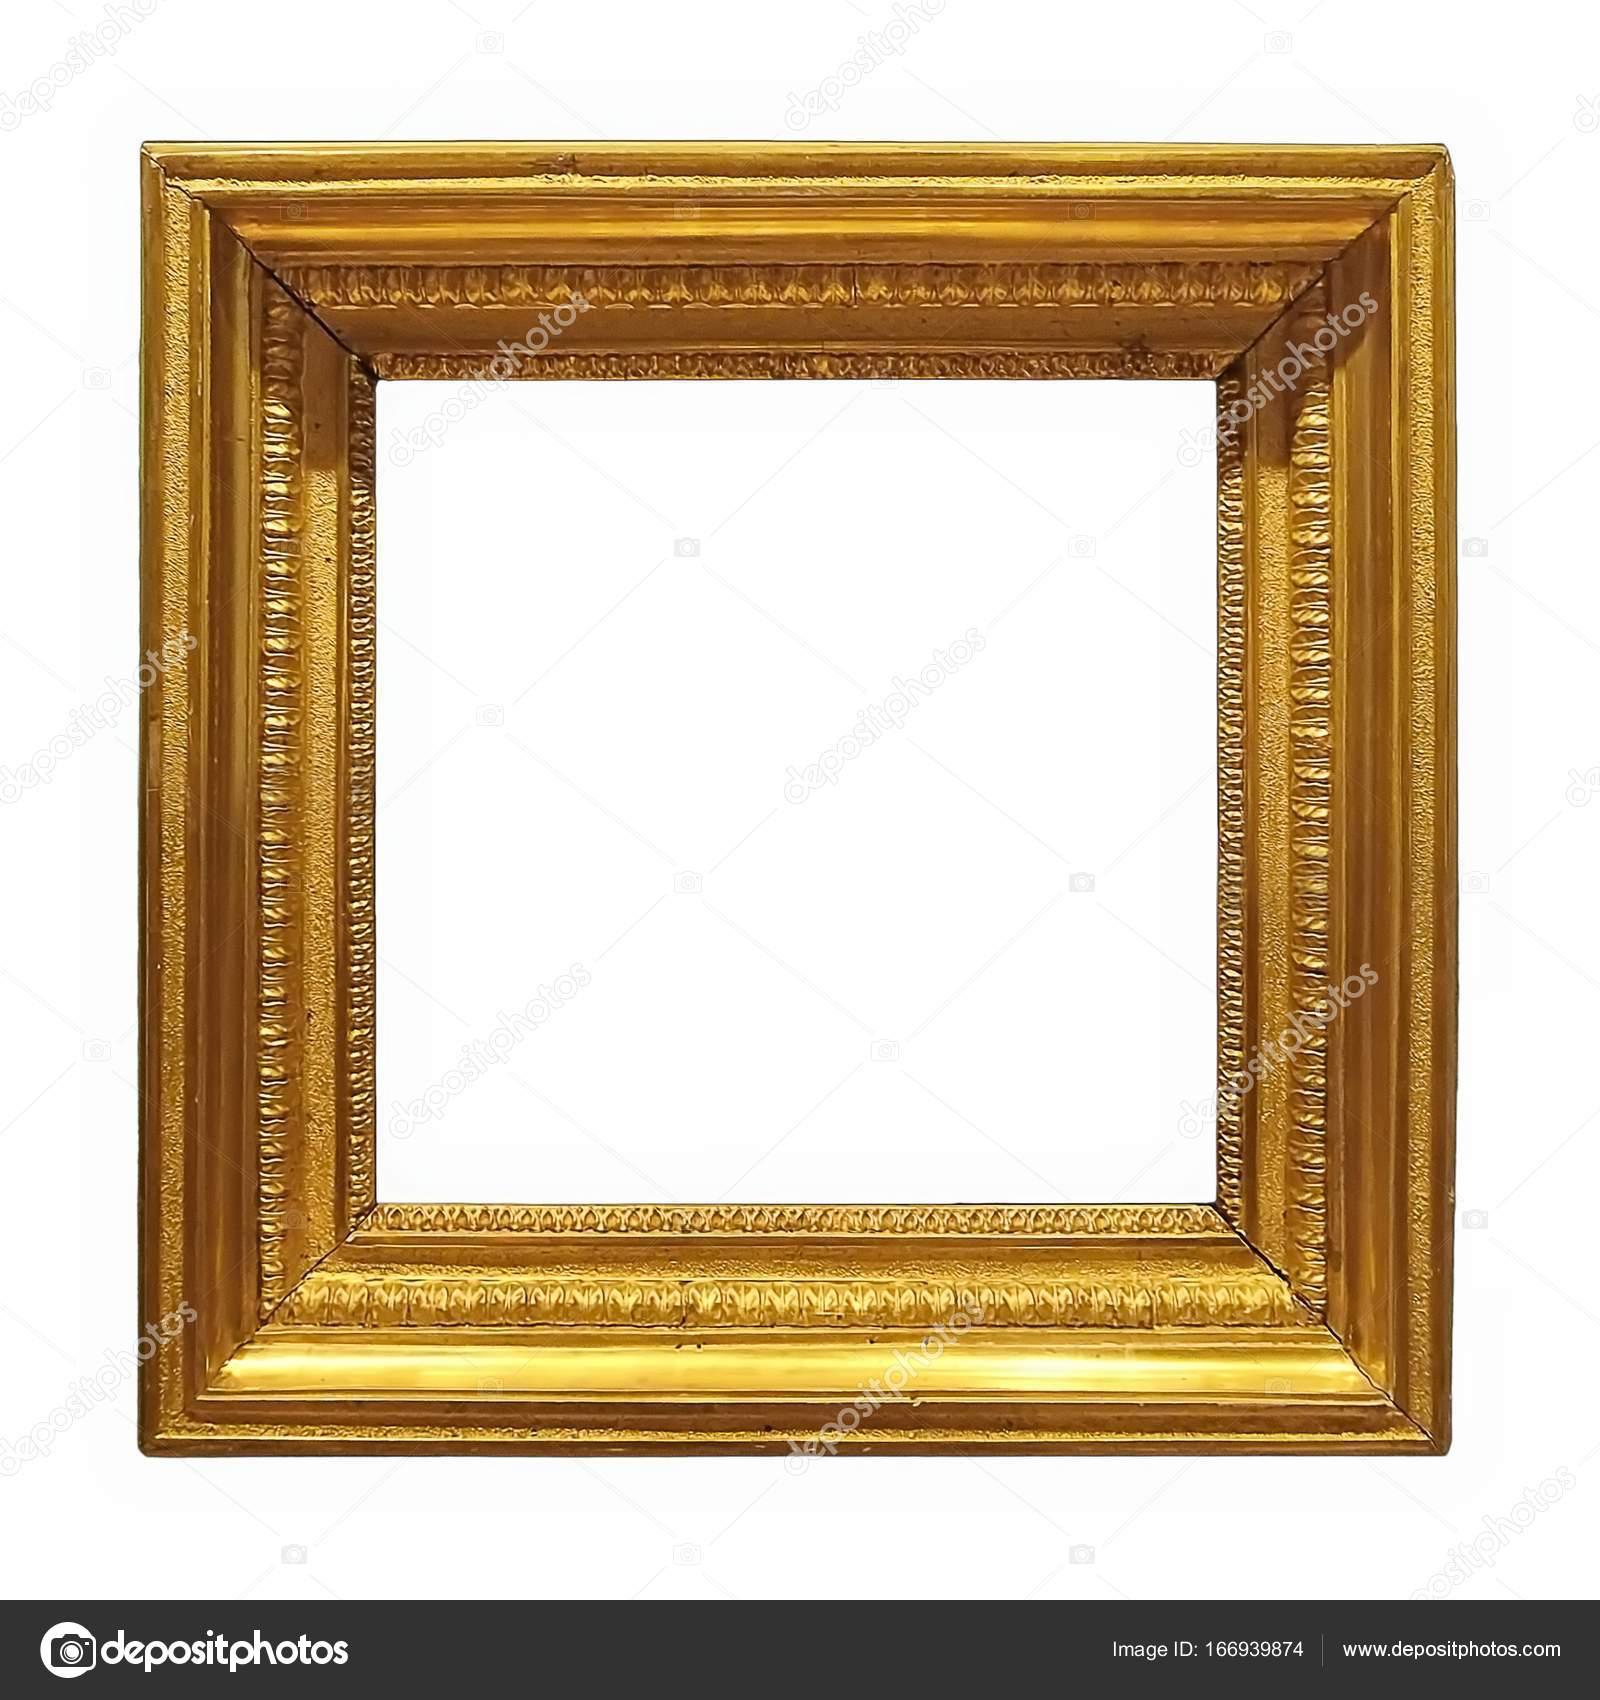 Goldener Rahmen für Bilder, Spiegel oder Fotos — Stockfoto ...